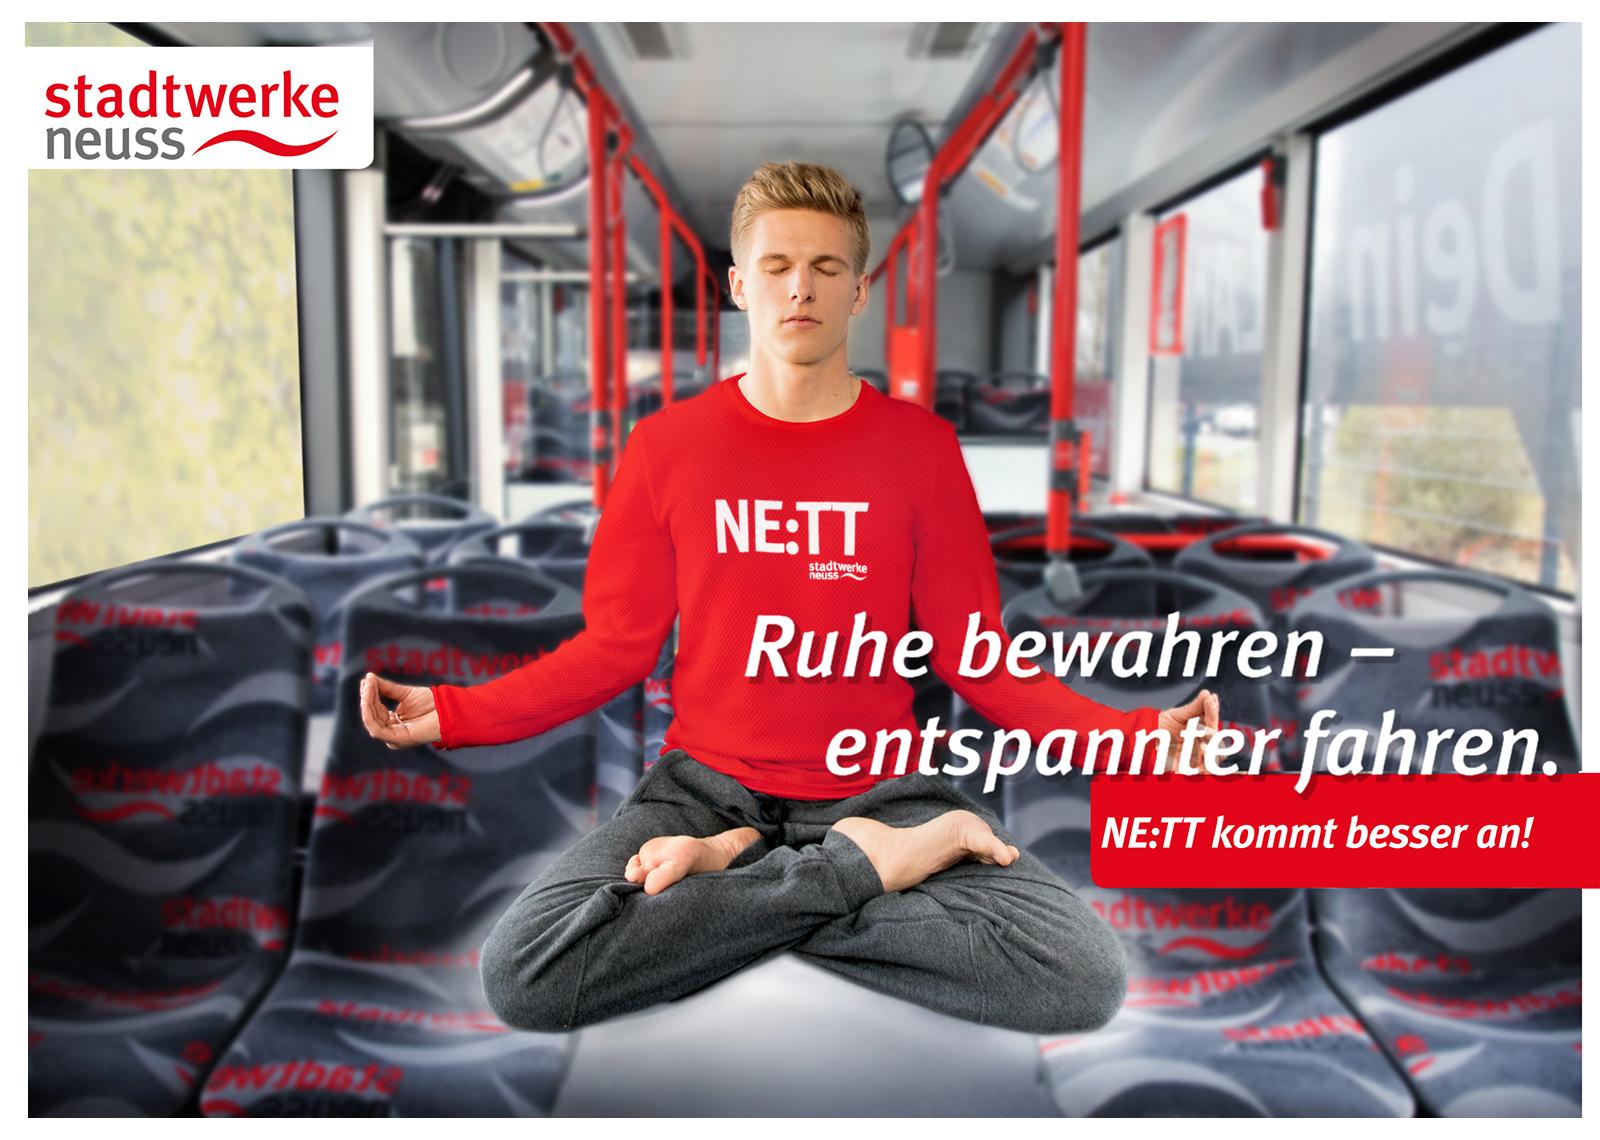 04 SWNE Kampagne Stadtwerke Neuss Werbung 1 - Werbefotograf im Nahverkehr